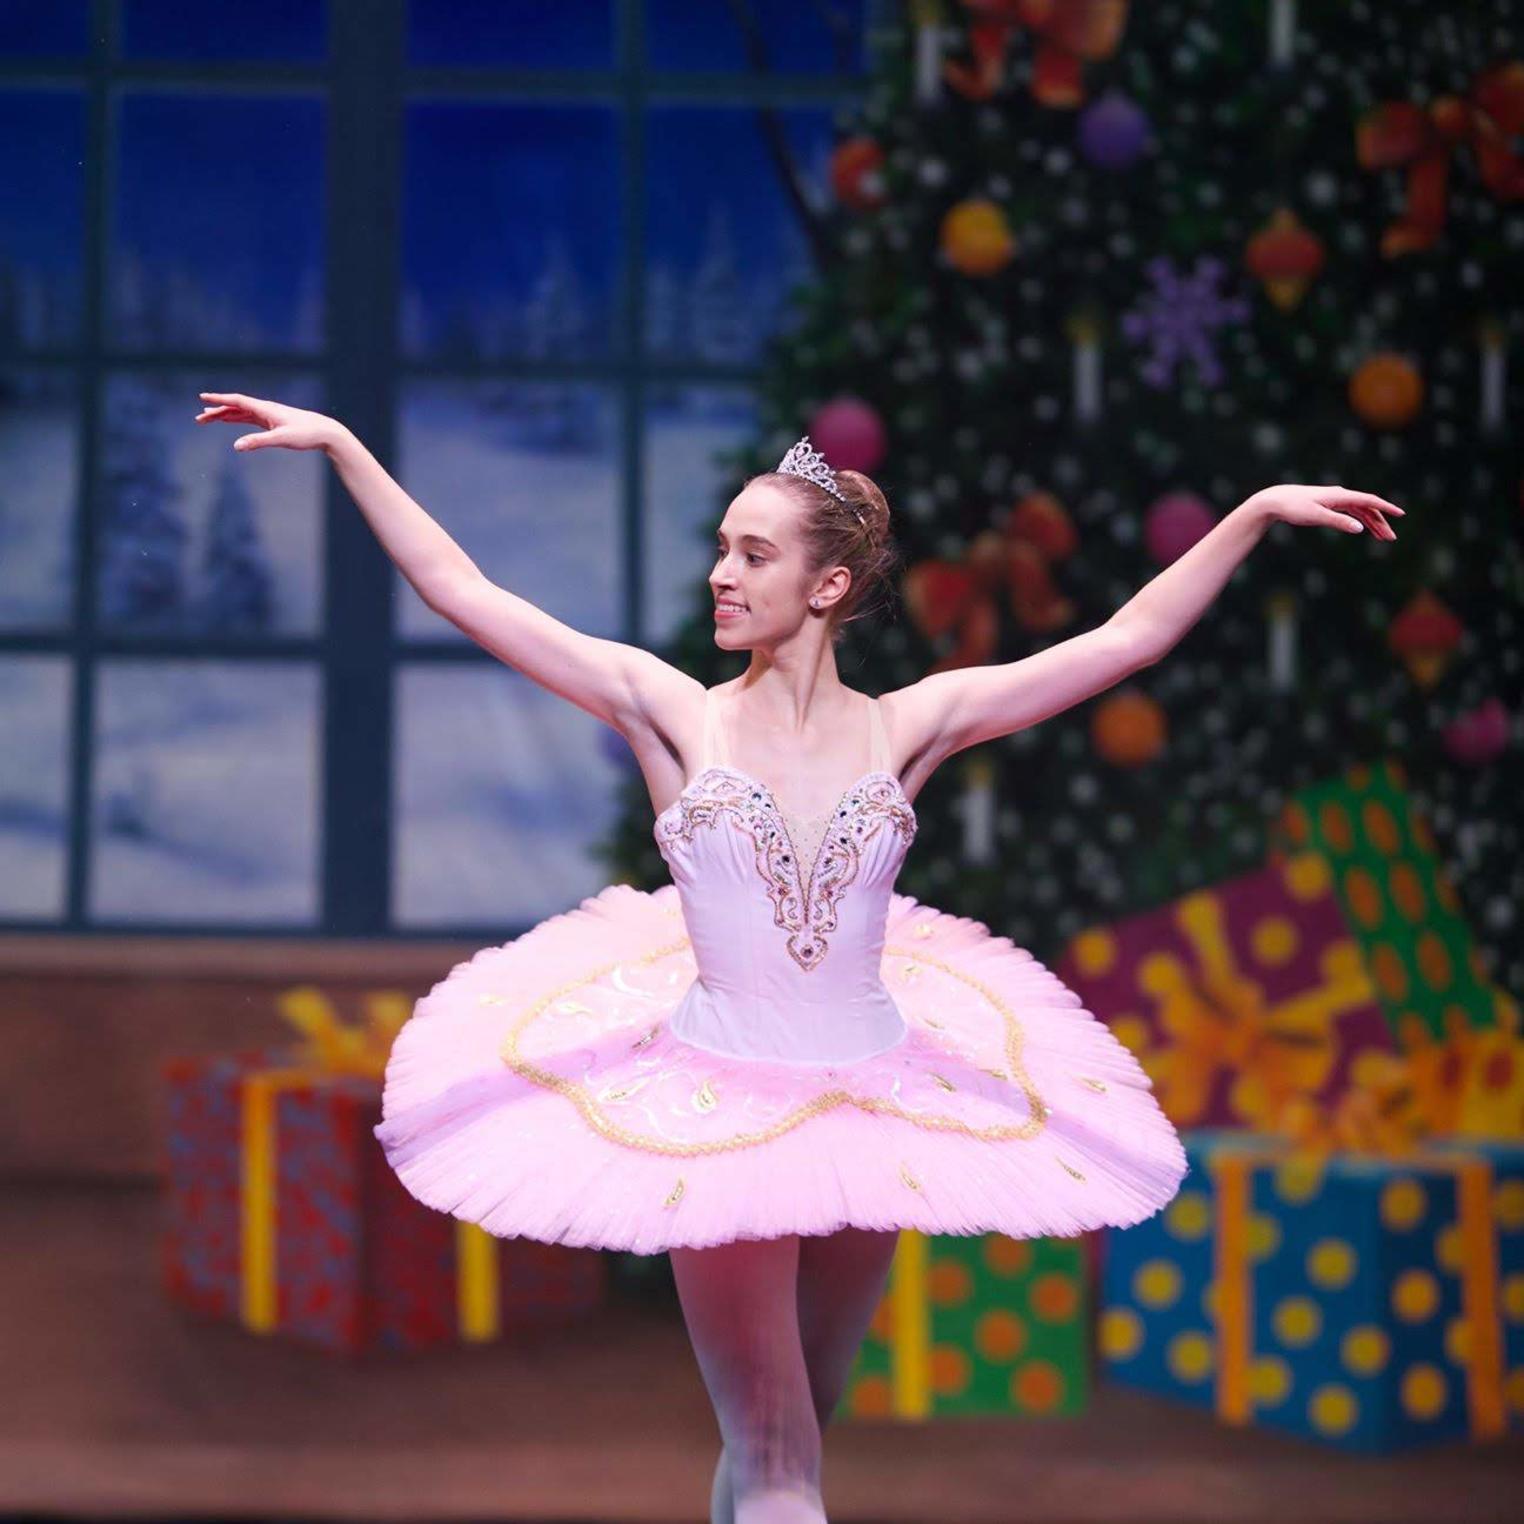 Pennsylvania Ballet Academy